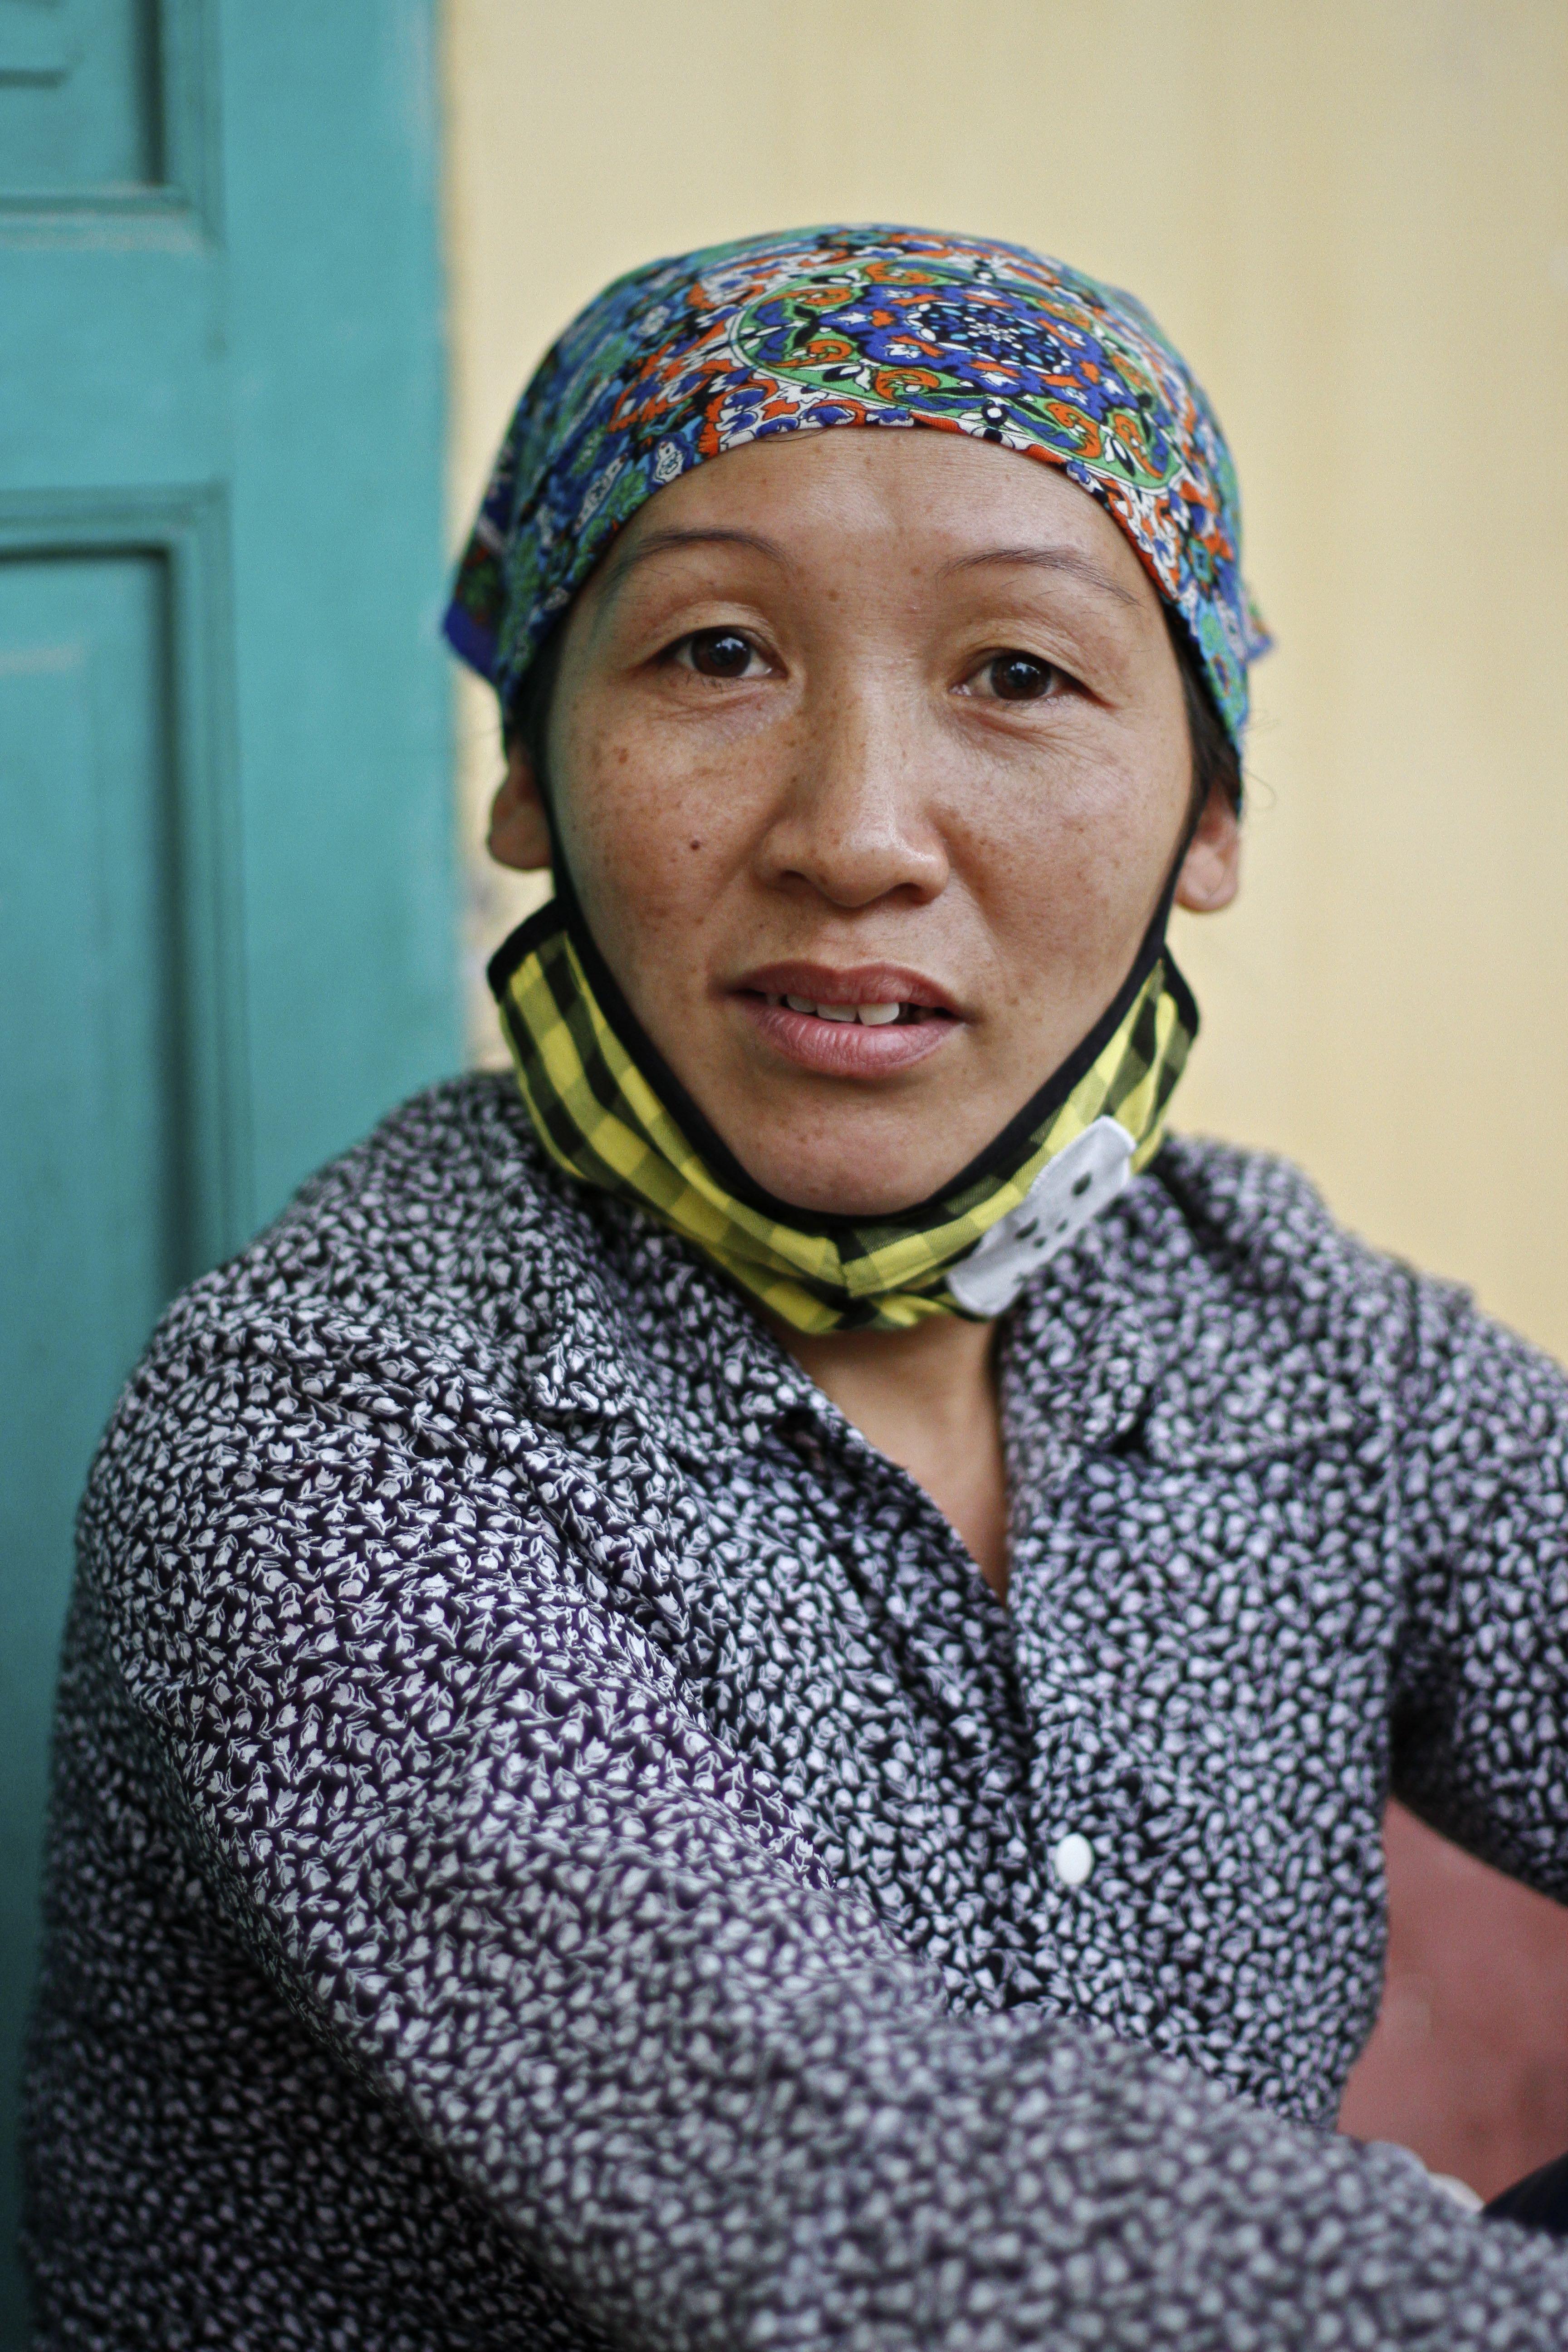 Faces of Vietnam